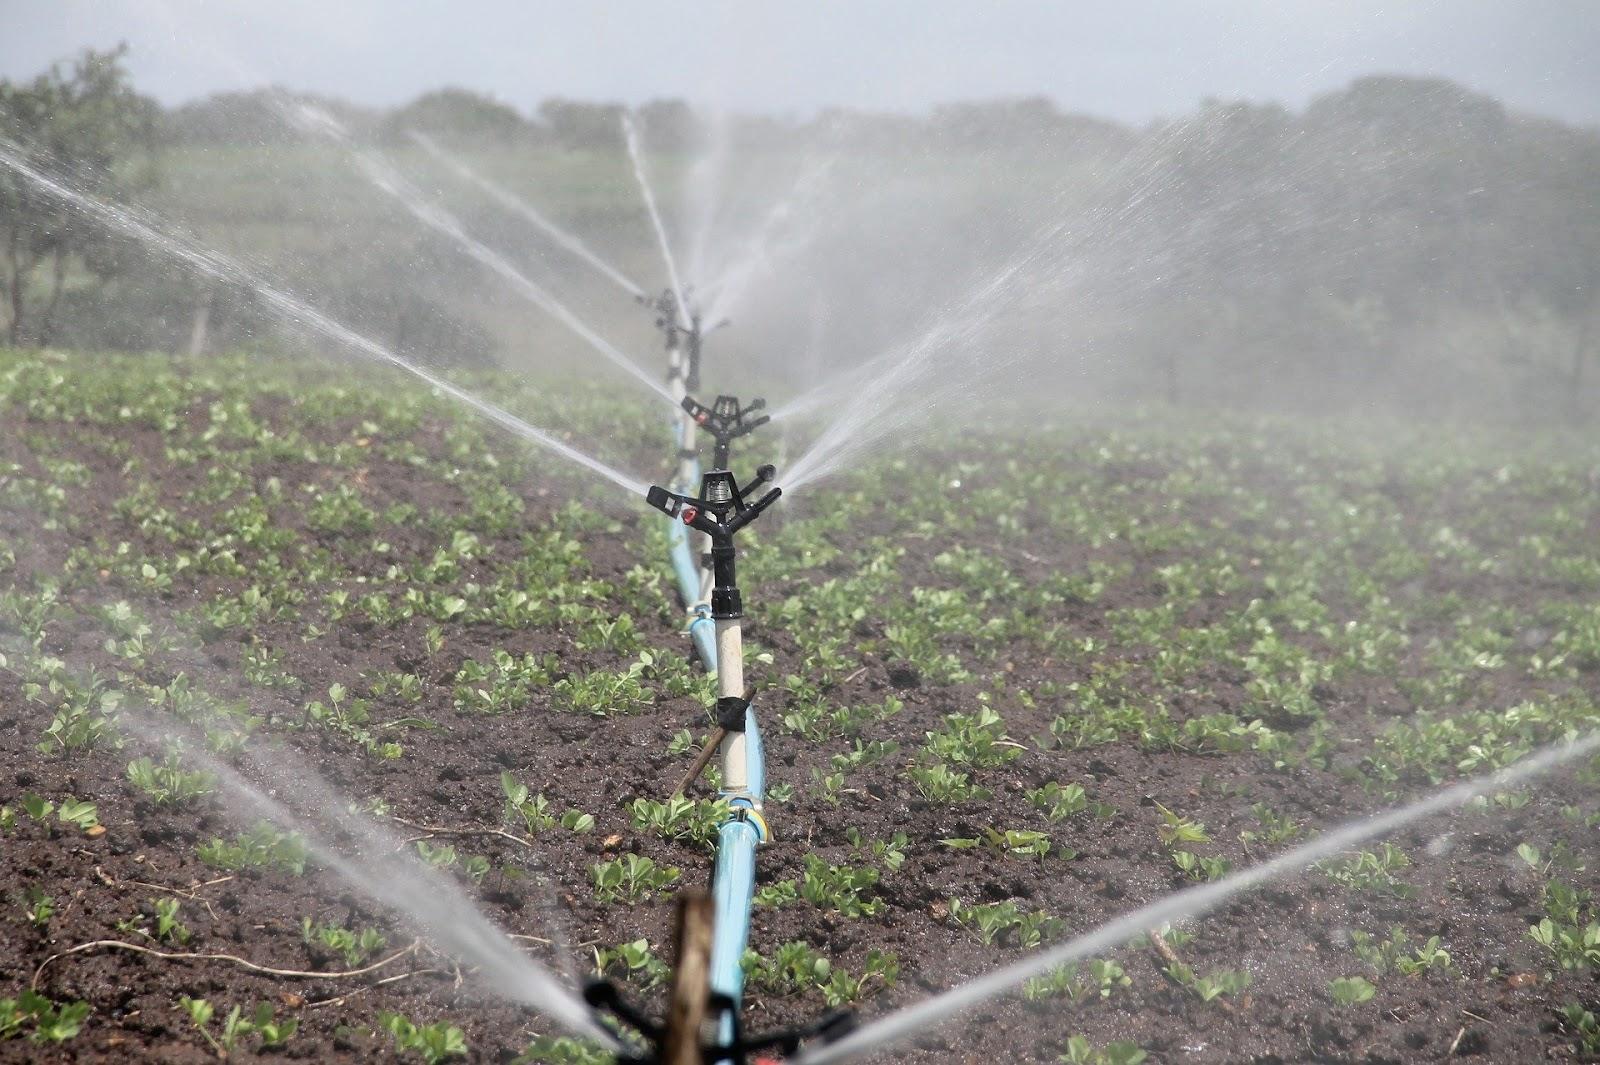 Escassez de água tem impactado lavouras em diversas regiões do País. (Fonte: Pixabay/Reprodução)